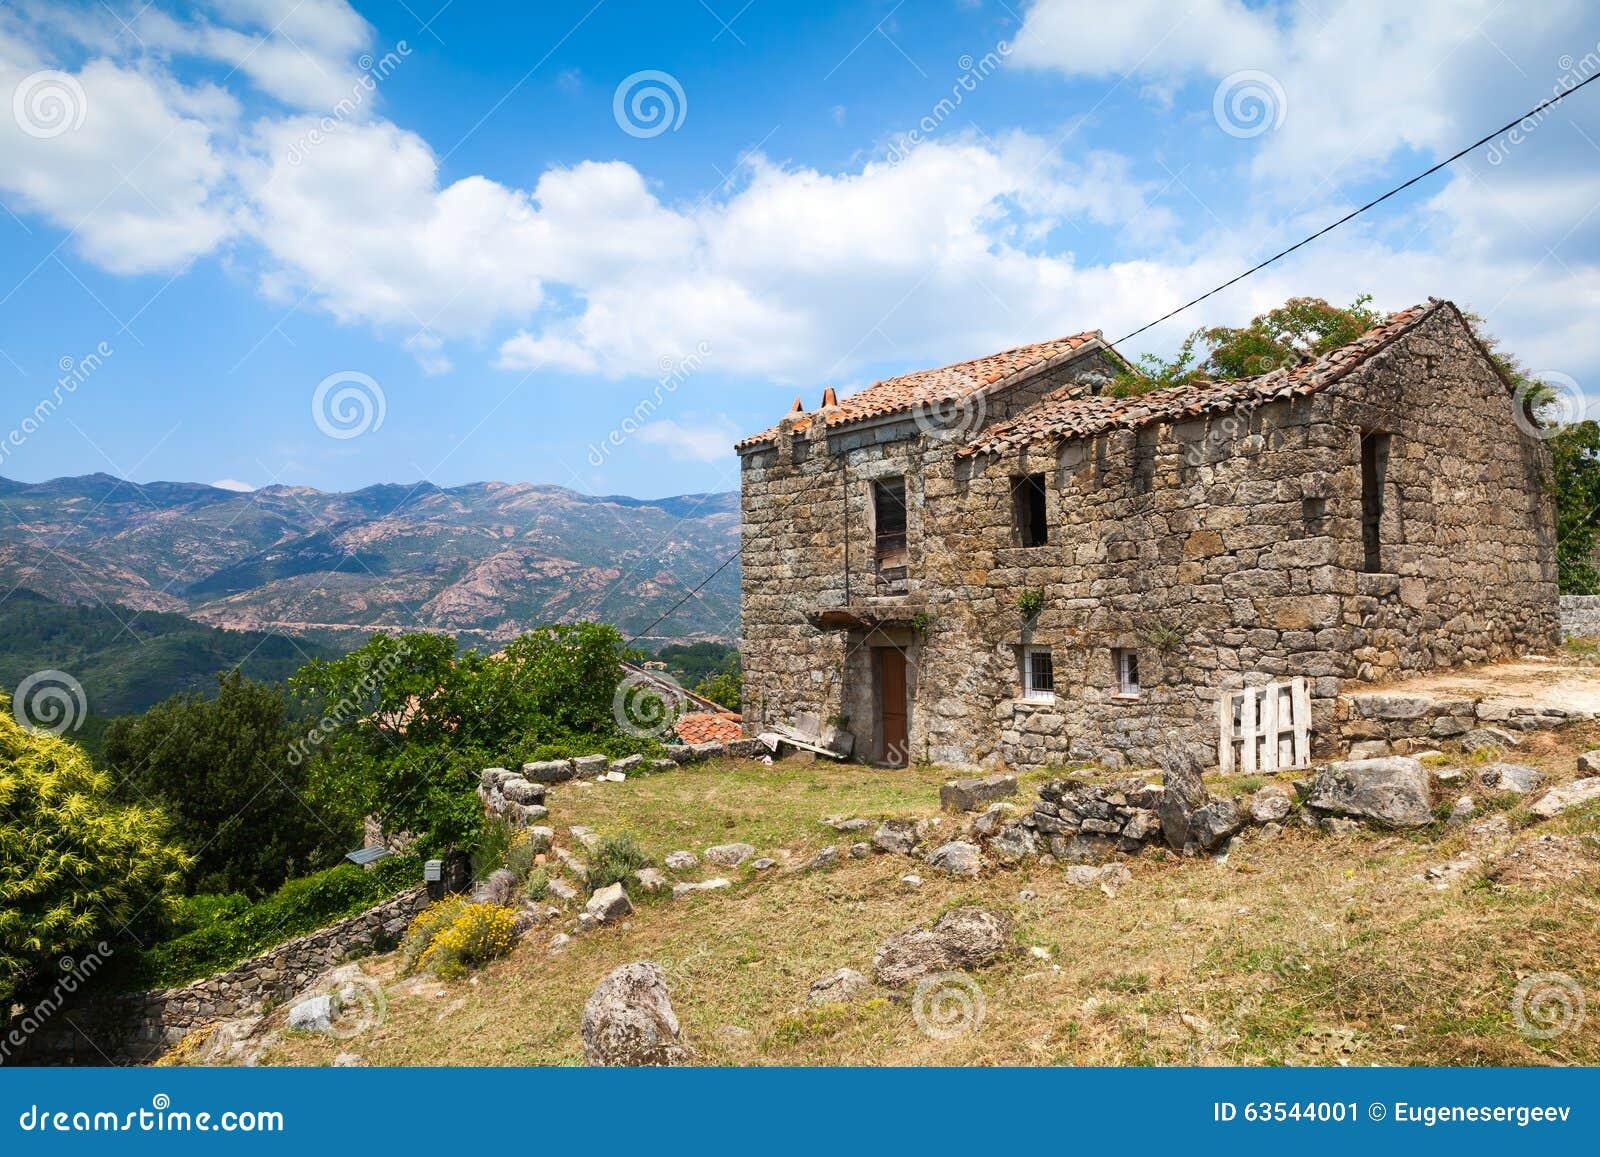 La corse vieille maison en pierre abandonn e zerubia for Vieille maison en pierre